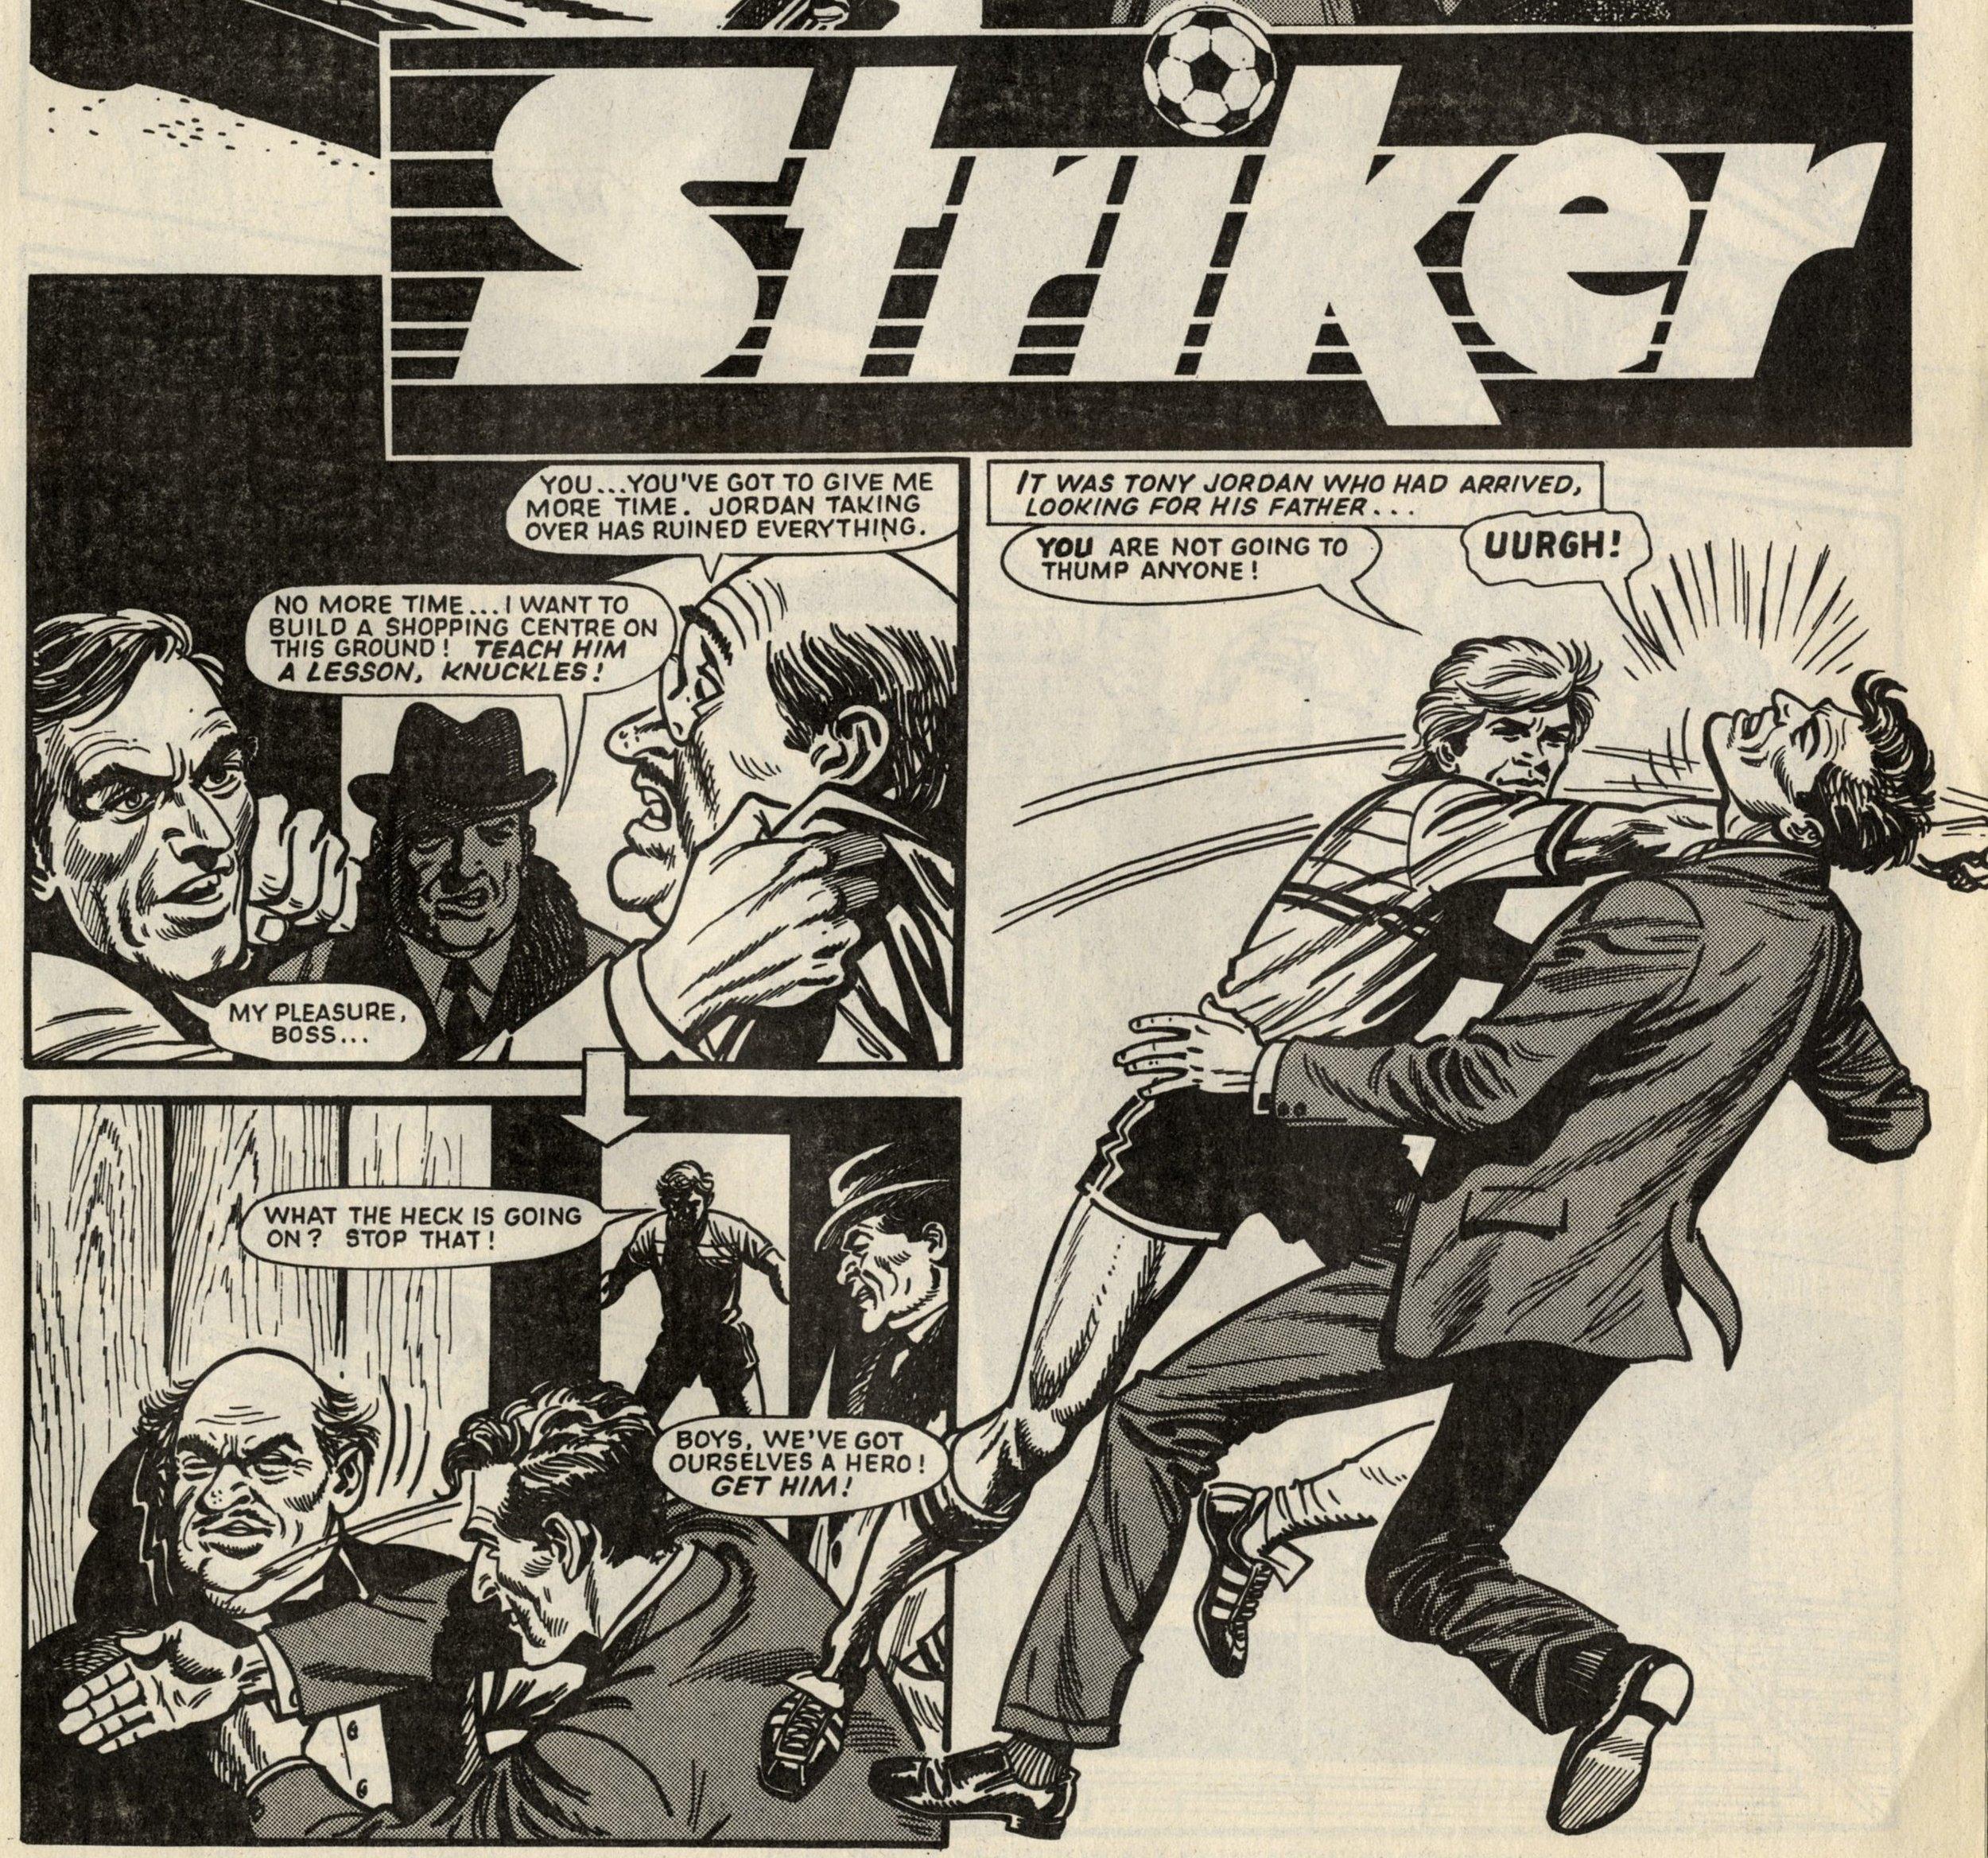 Striker: John Stokes (artist)